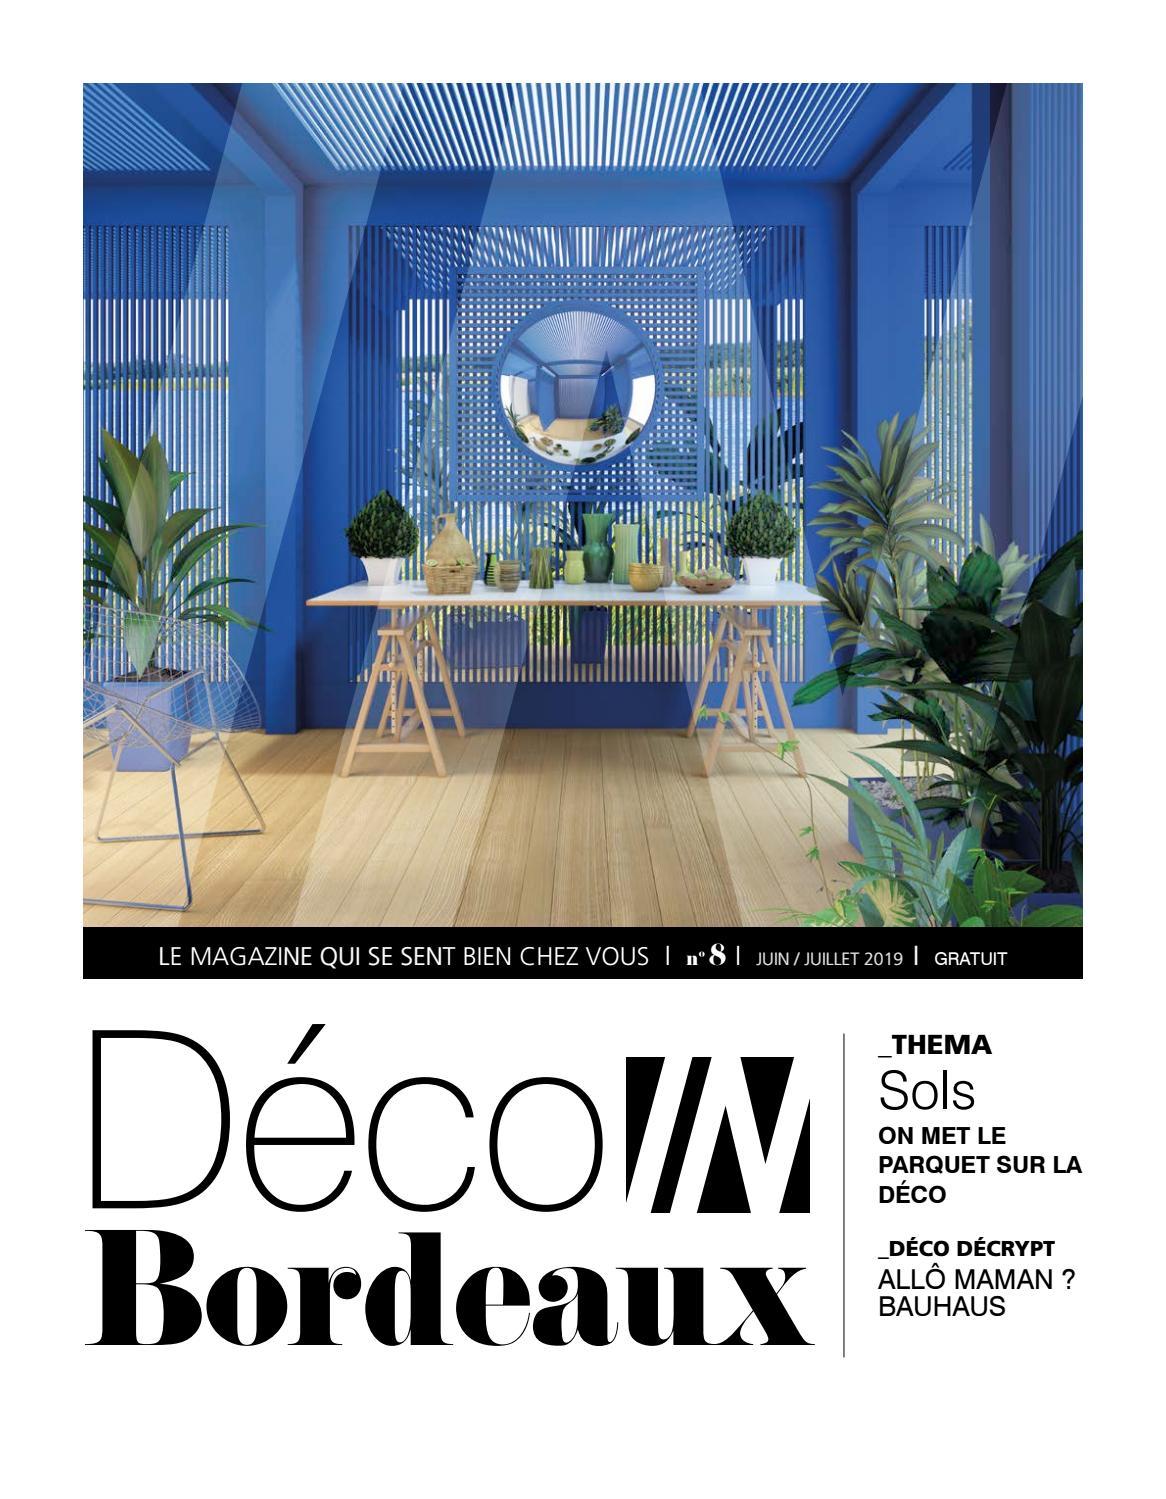 Mobilier De Jardin Merignac déco in bordeaux - n°8 - juin/juillet 2019in magazines